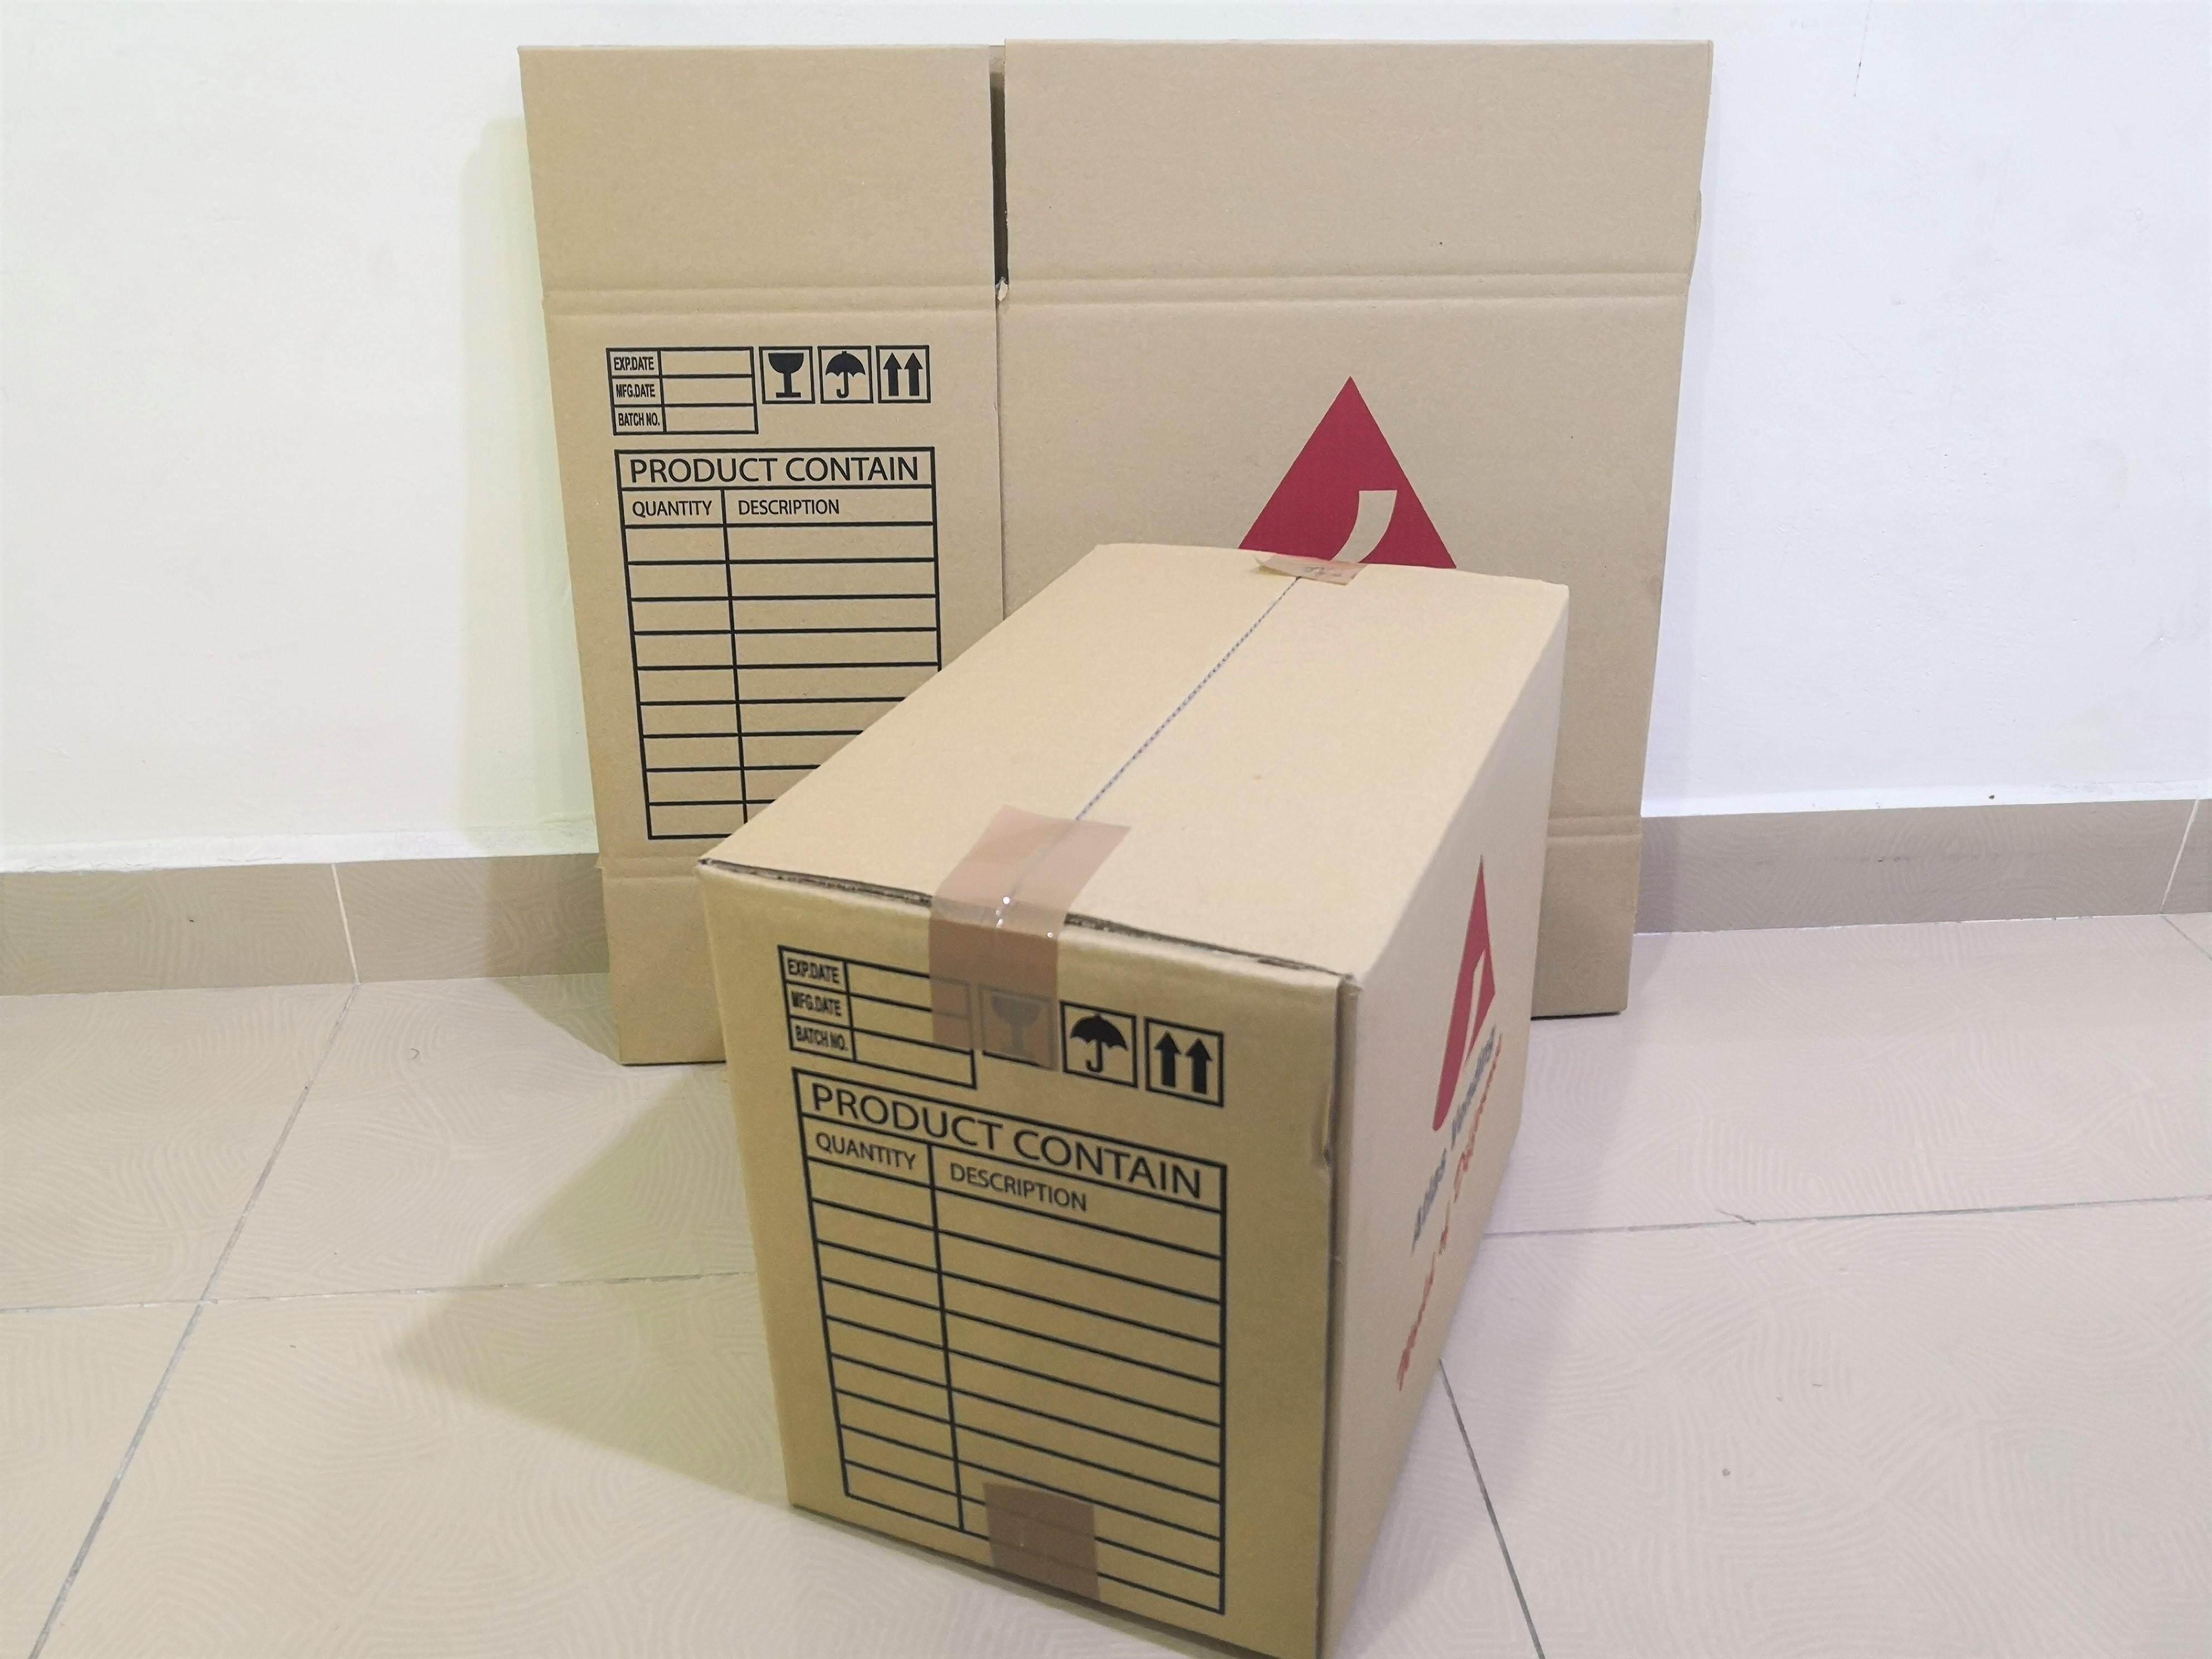 10pcs Printed Carton Boxes (L378 X W238 X H312mm)